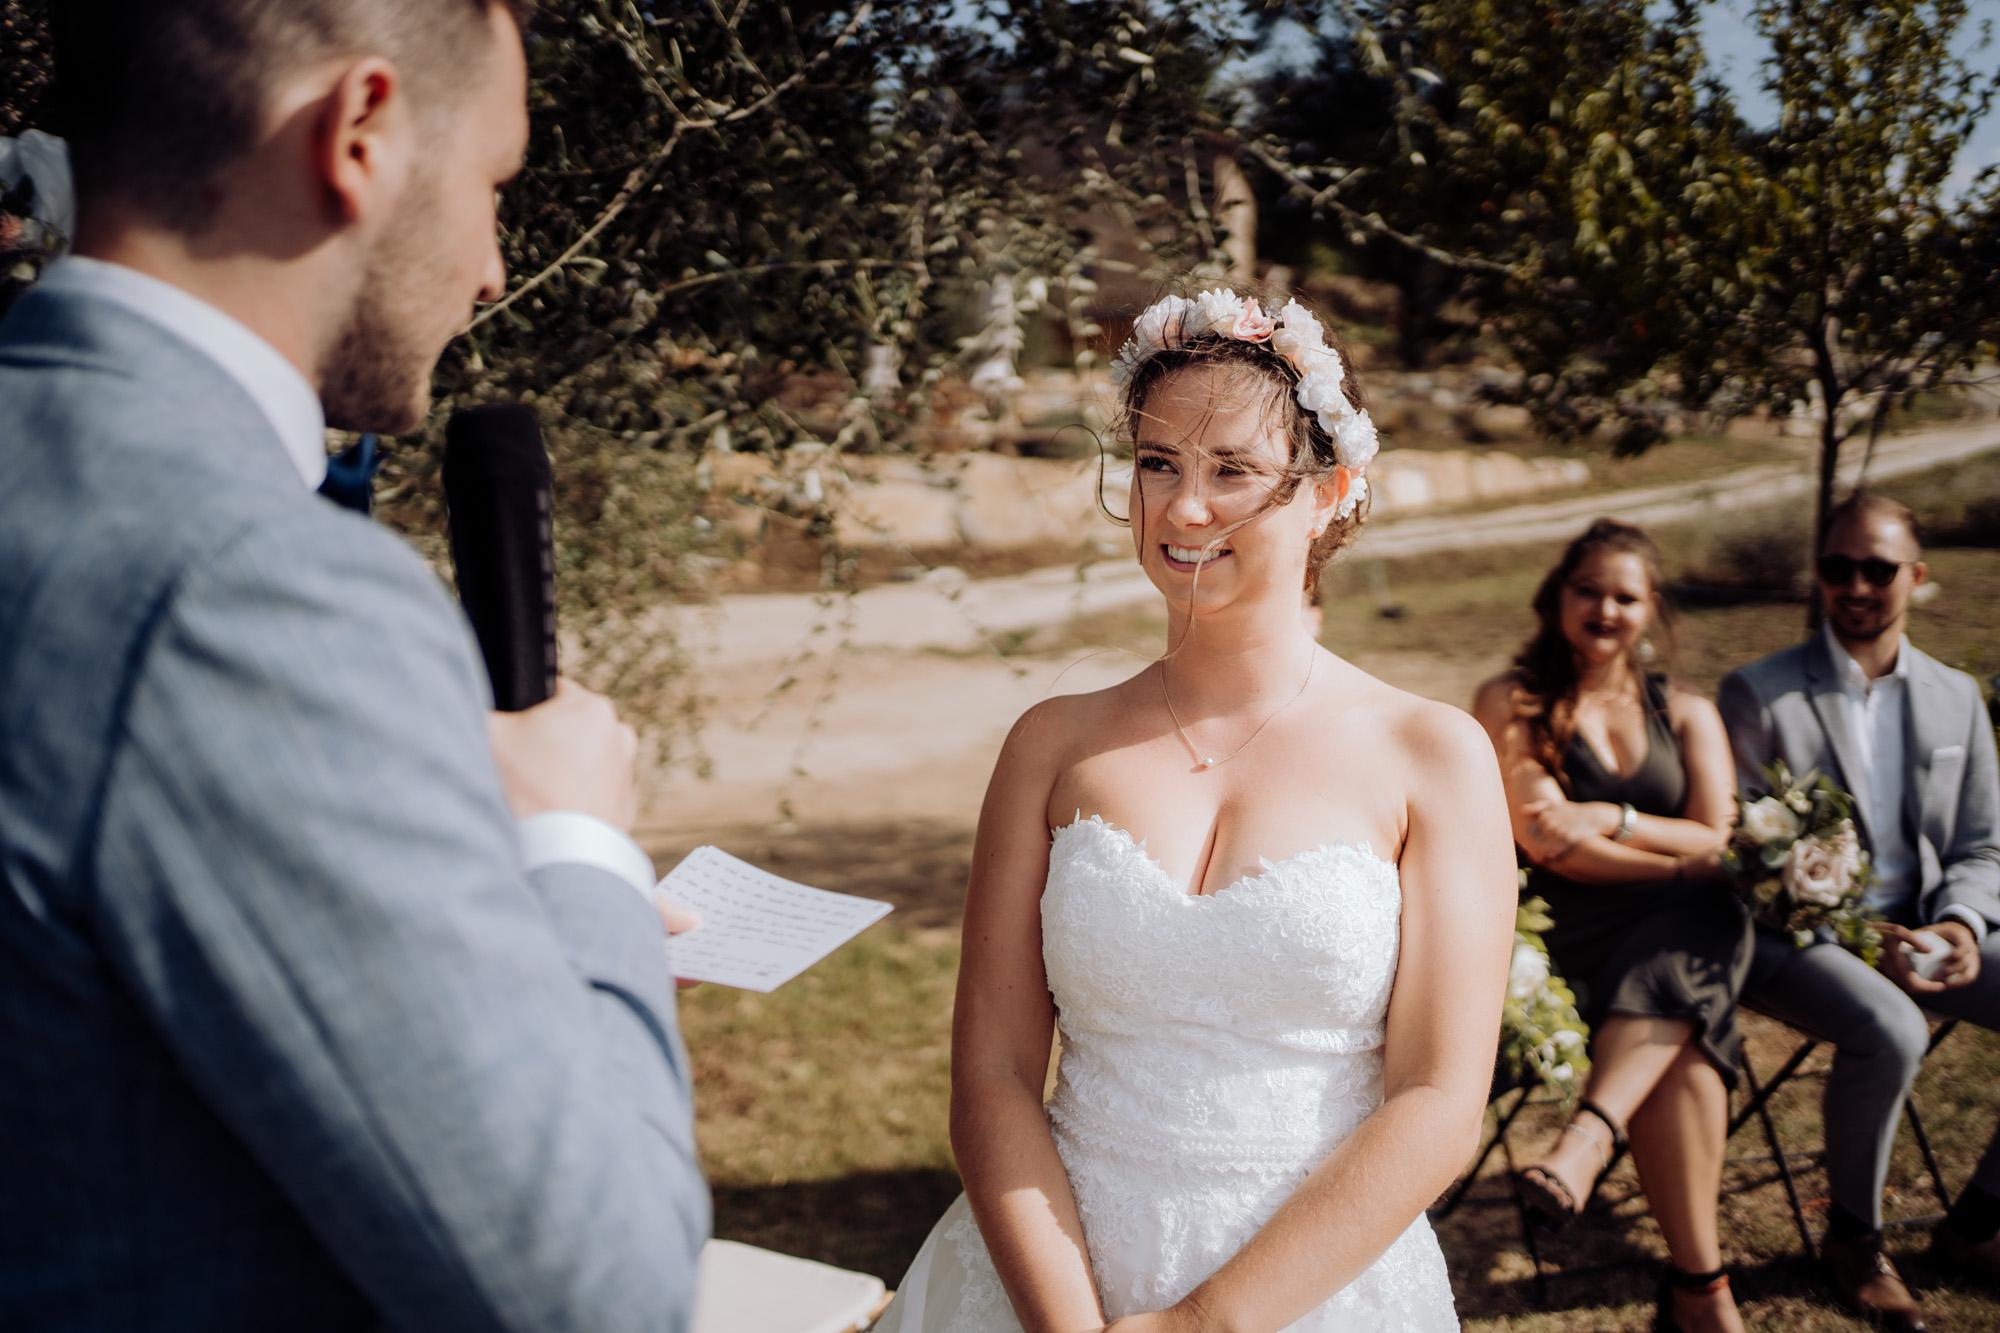 A7307589 - Hochzeit